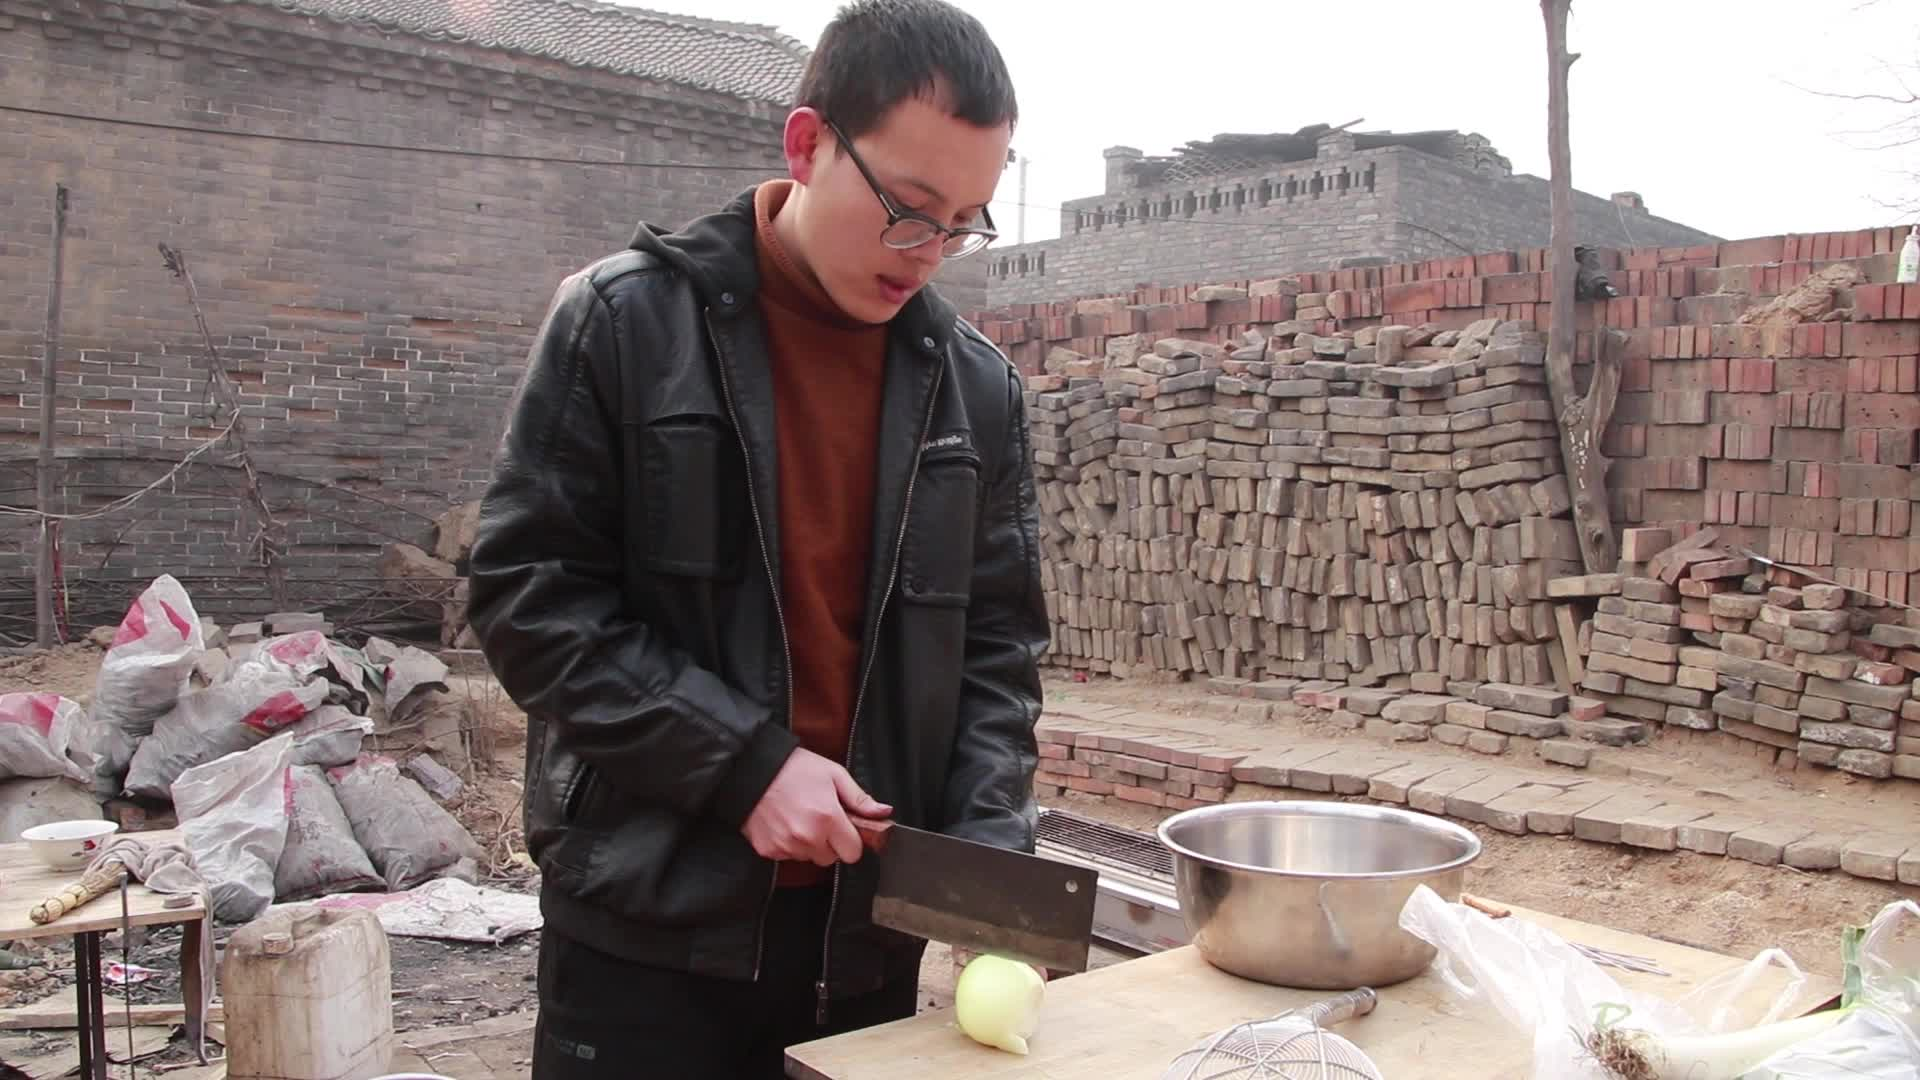 农村阿豹院子里烤鸭翅吃,刷上秘制烧烤酱,光看颜色就流口水!